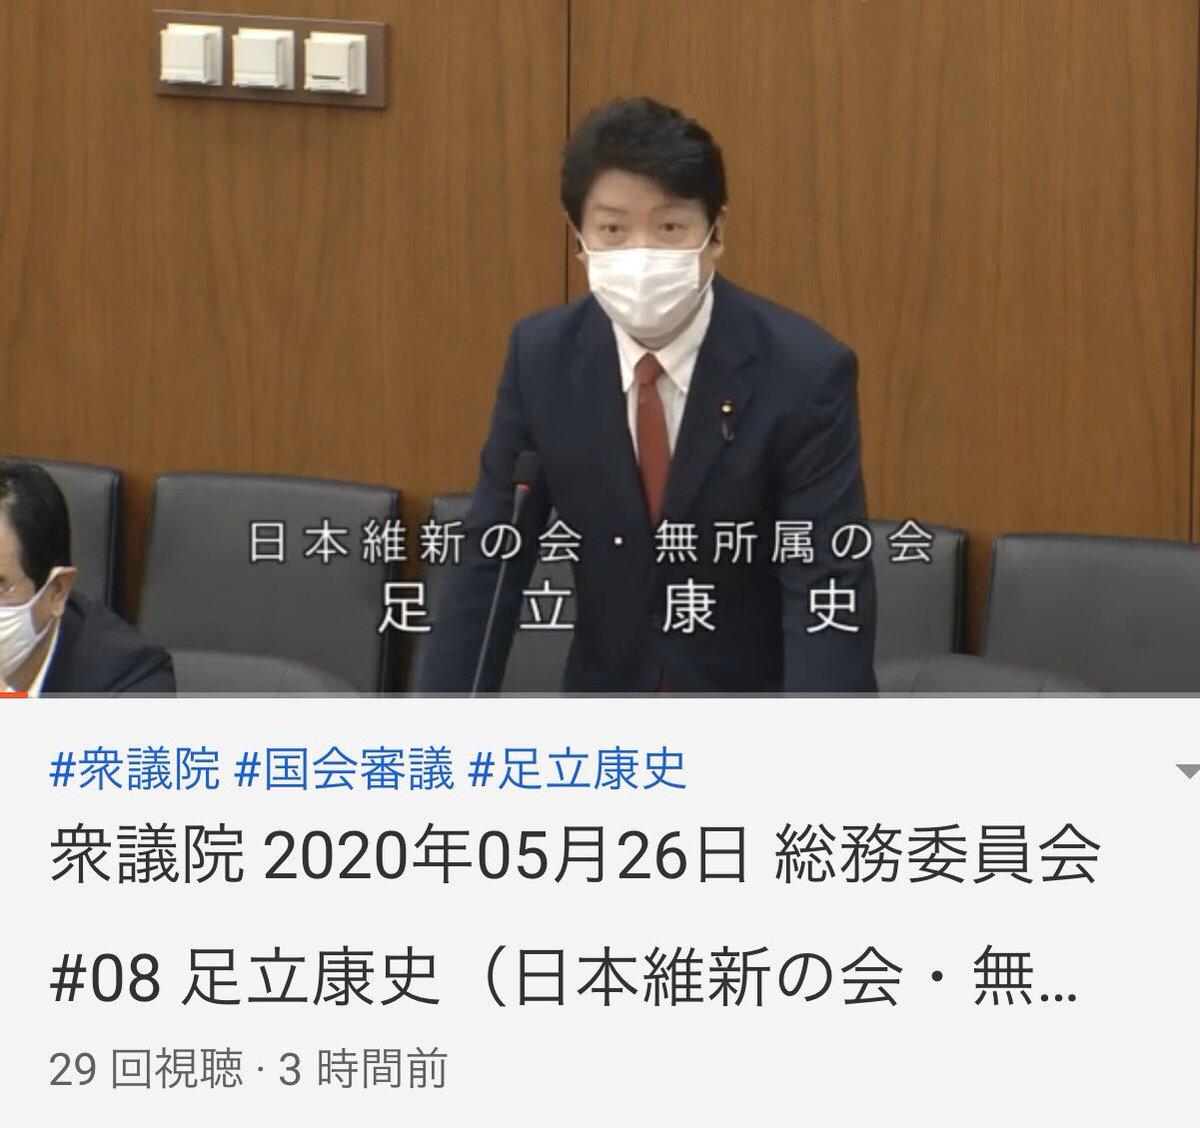 「日本維新の会の安達康史です。 共産党の委員の方は相変わらず時間に来てからもう1問と言うのがデフォルトになっています。 時間を守ってやるのが基本だと思います。 院長これ1回理事会で、議論させてください。」  これ… →  #日本共産党 #本村伸子 #総務委員会 #足立康史 https://t.co/OknBt8RIAF